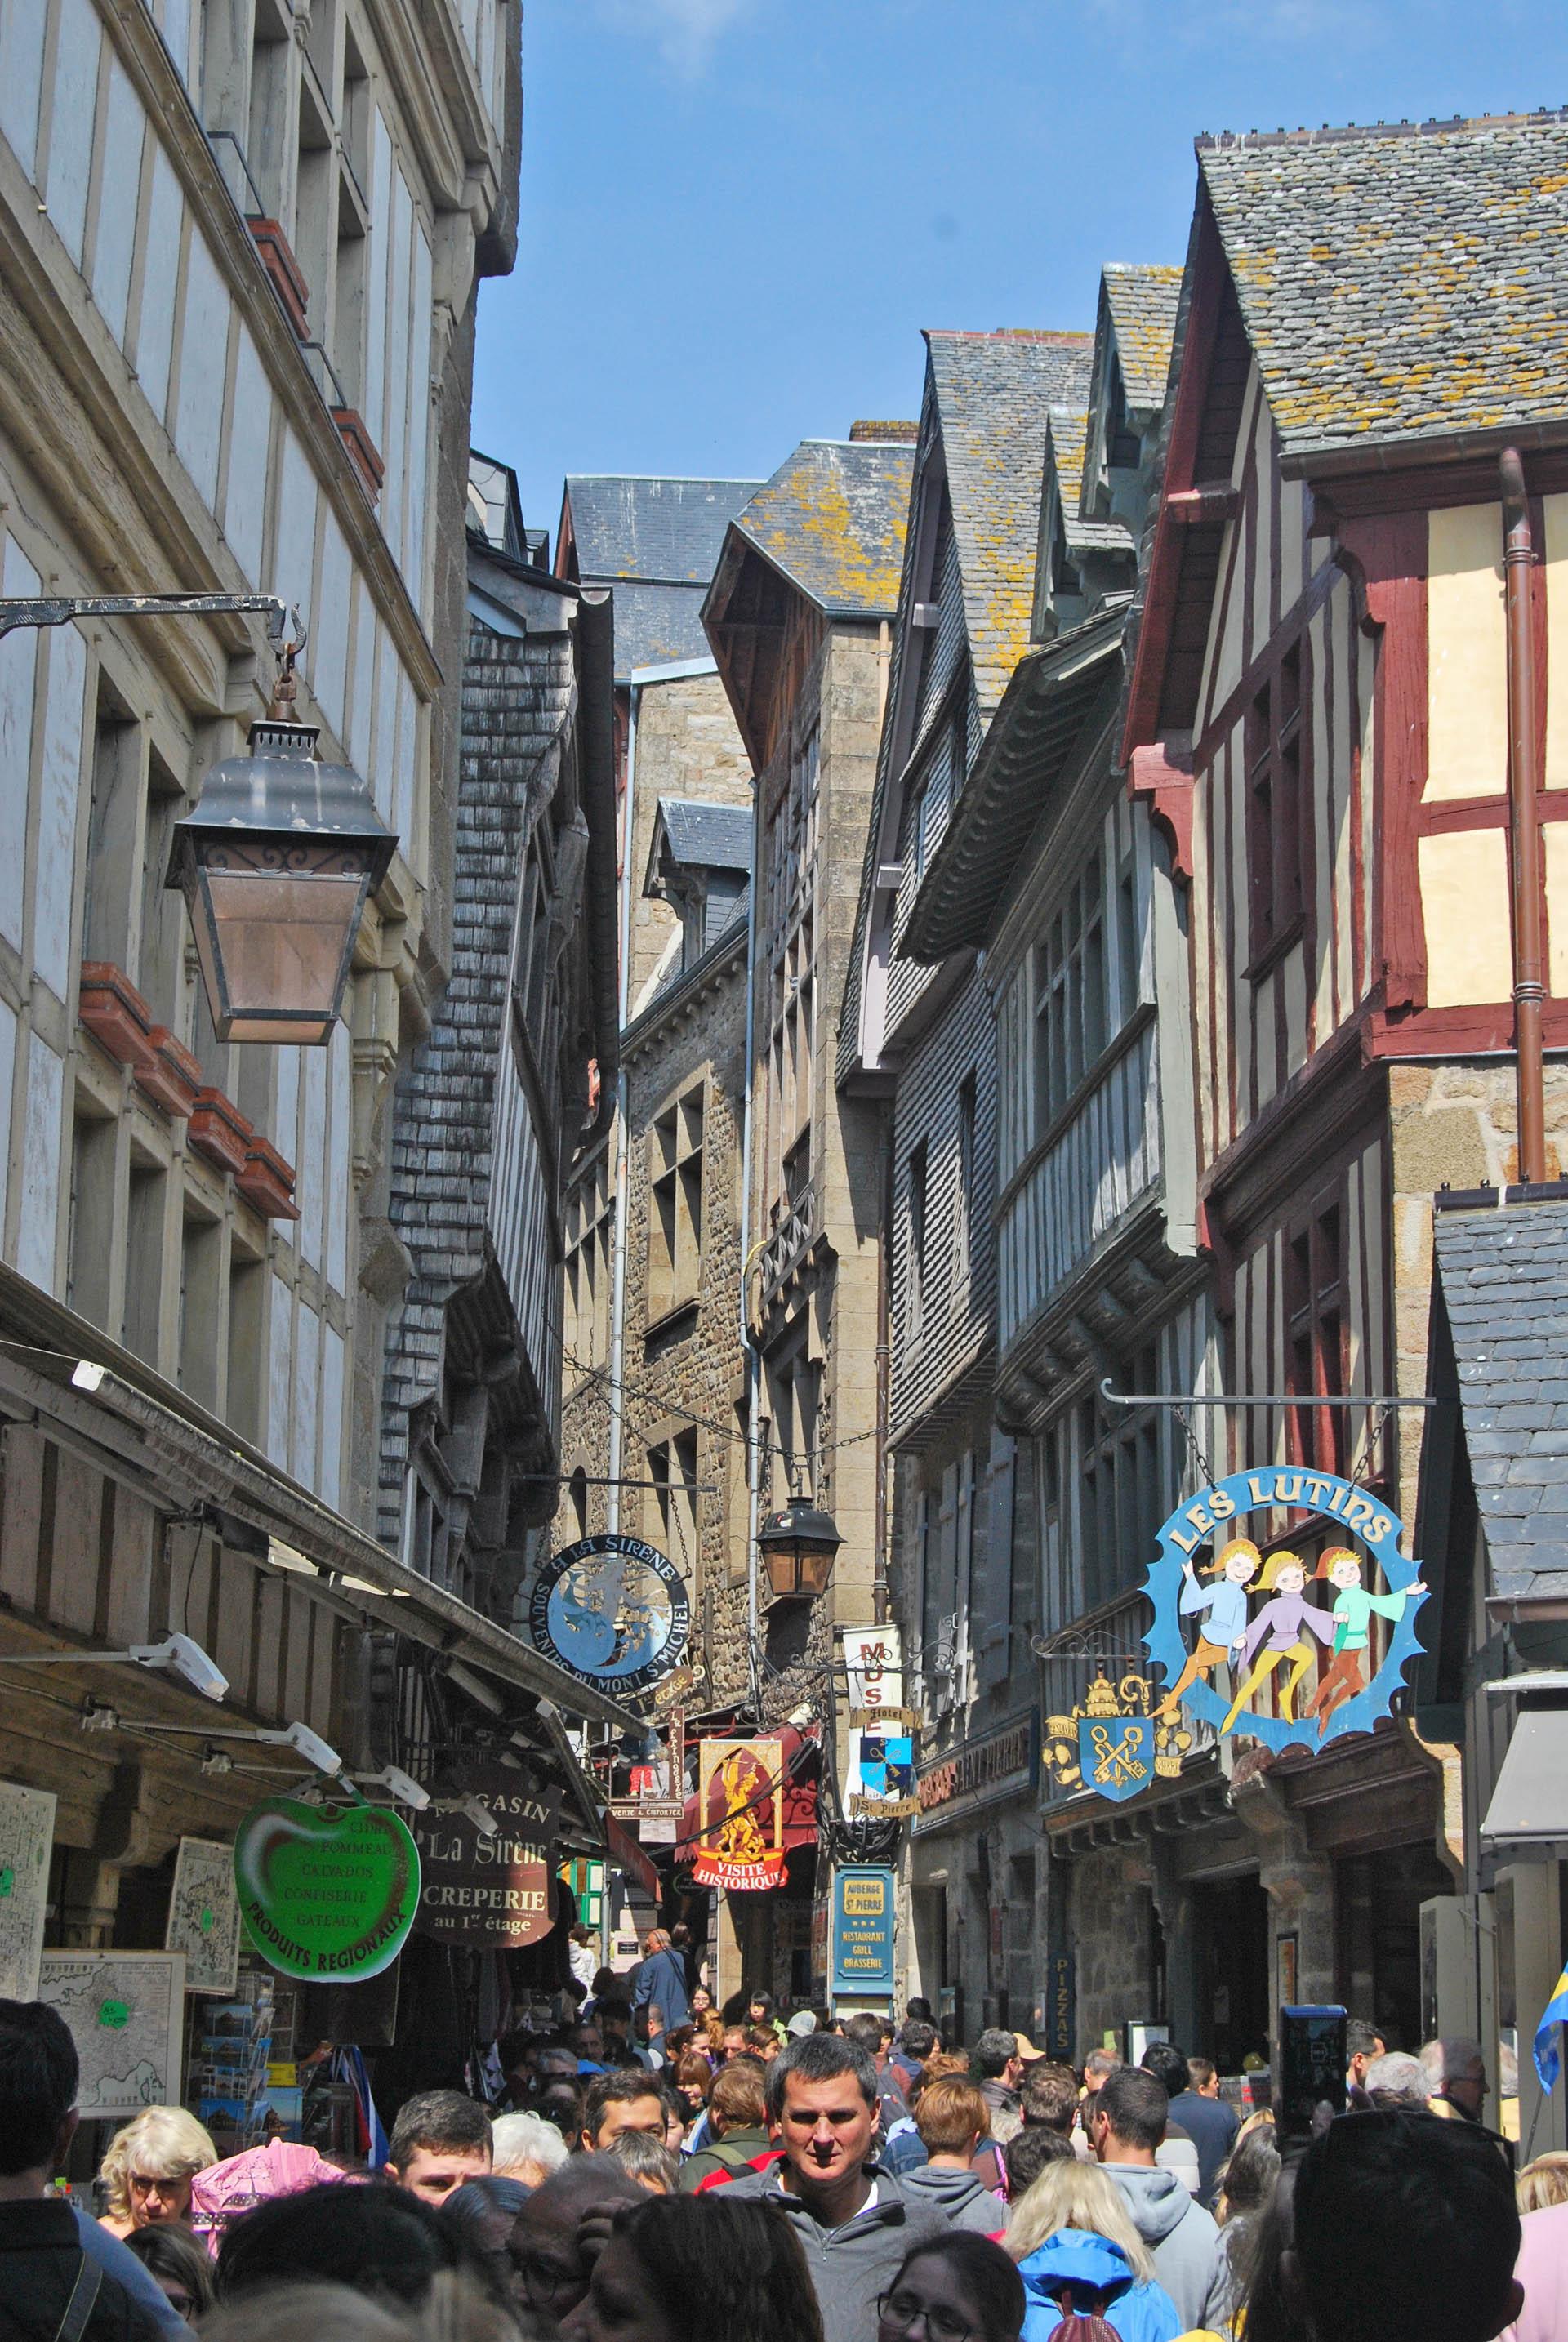 uliczka prowadząca do opactwa Mont Saint-Michel we Francji